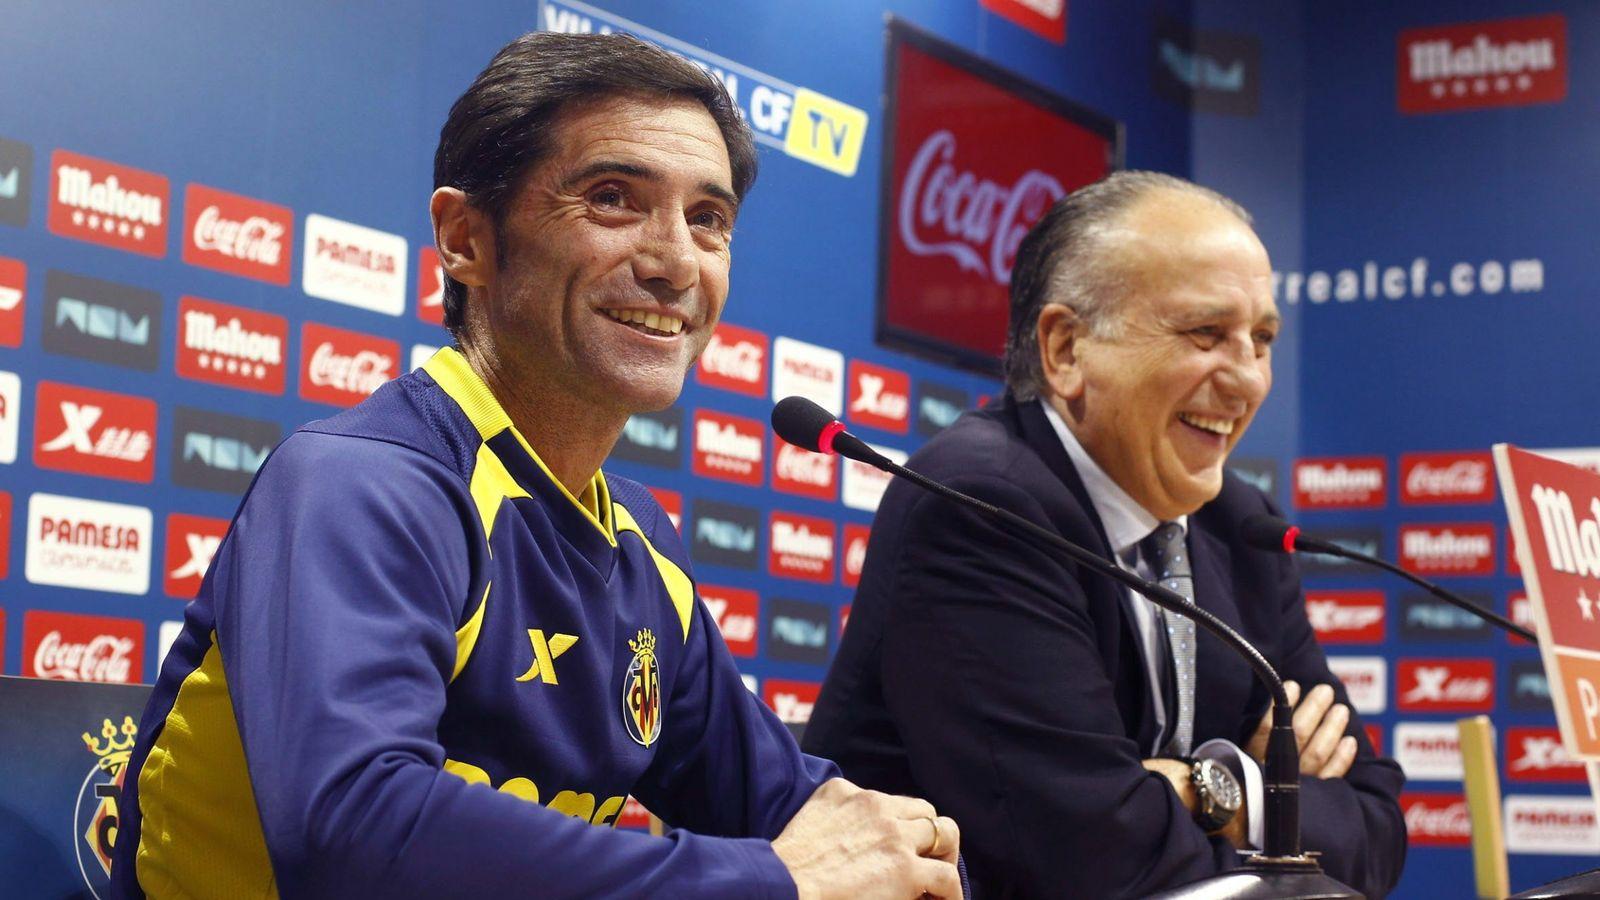 Foto: Marcelino y Roig el día de la renovación del contrato del entrenador (EFE)